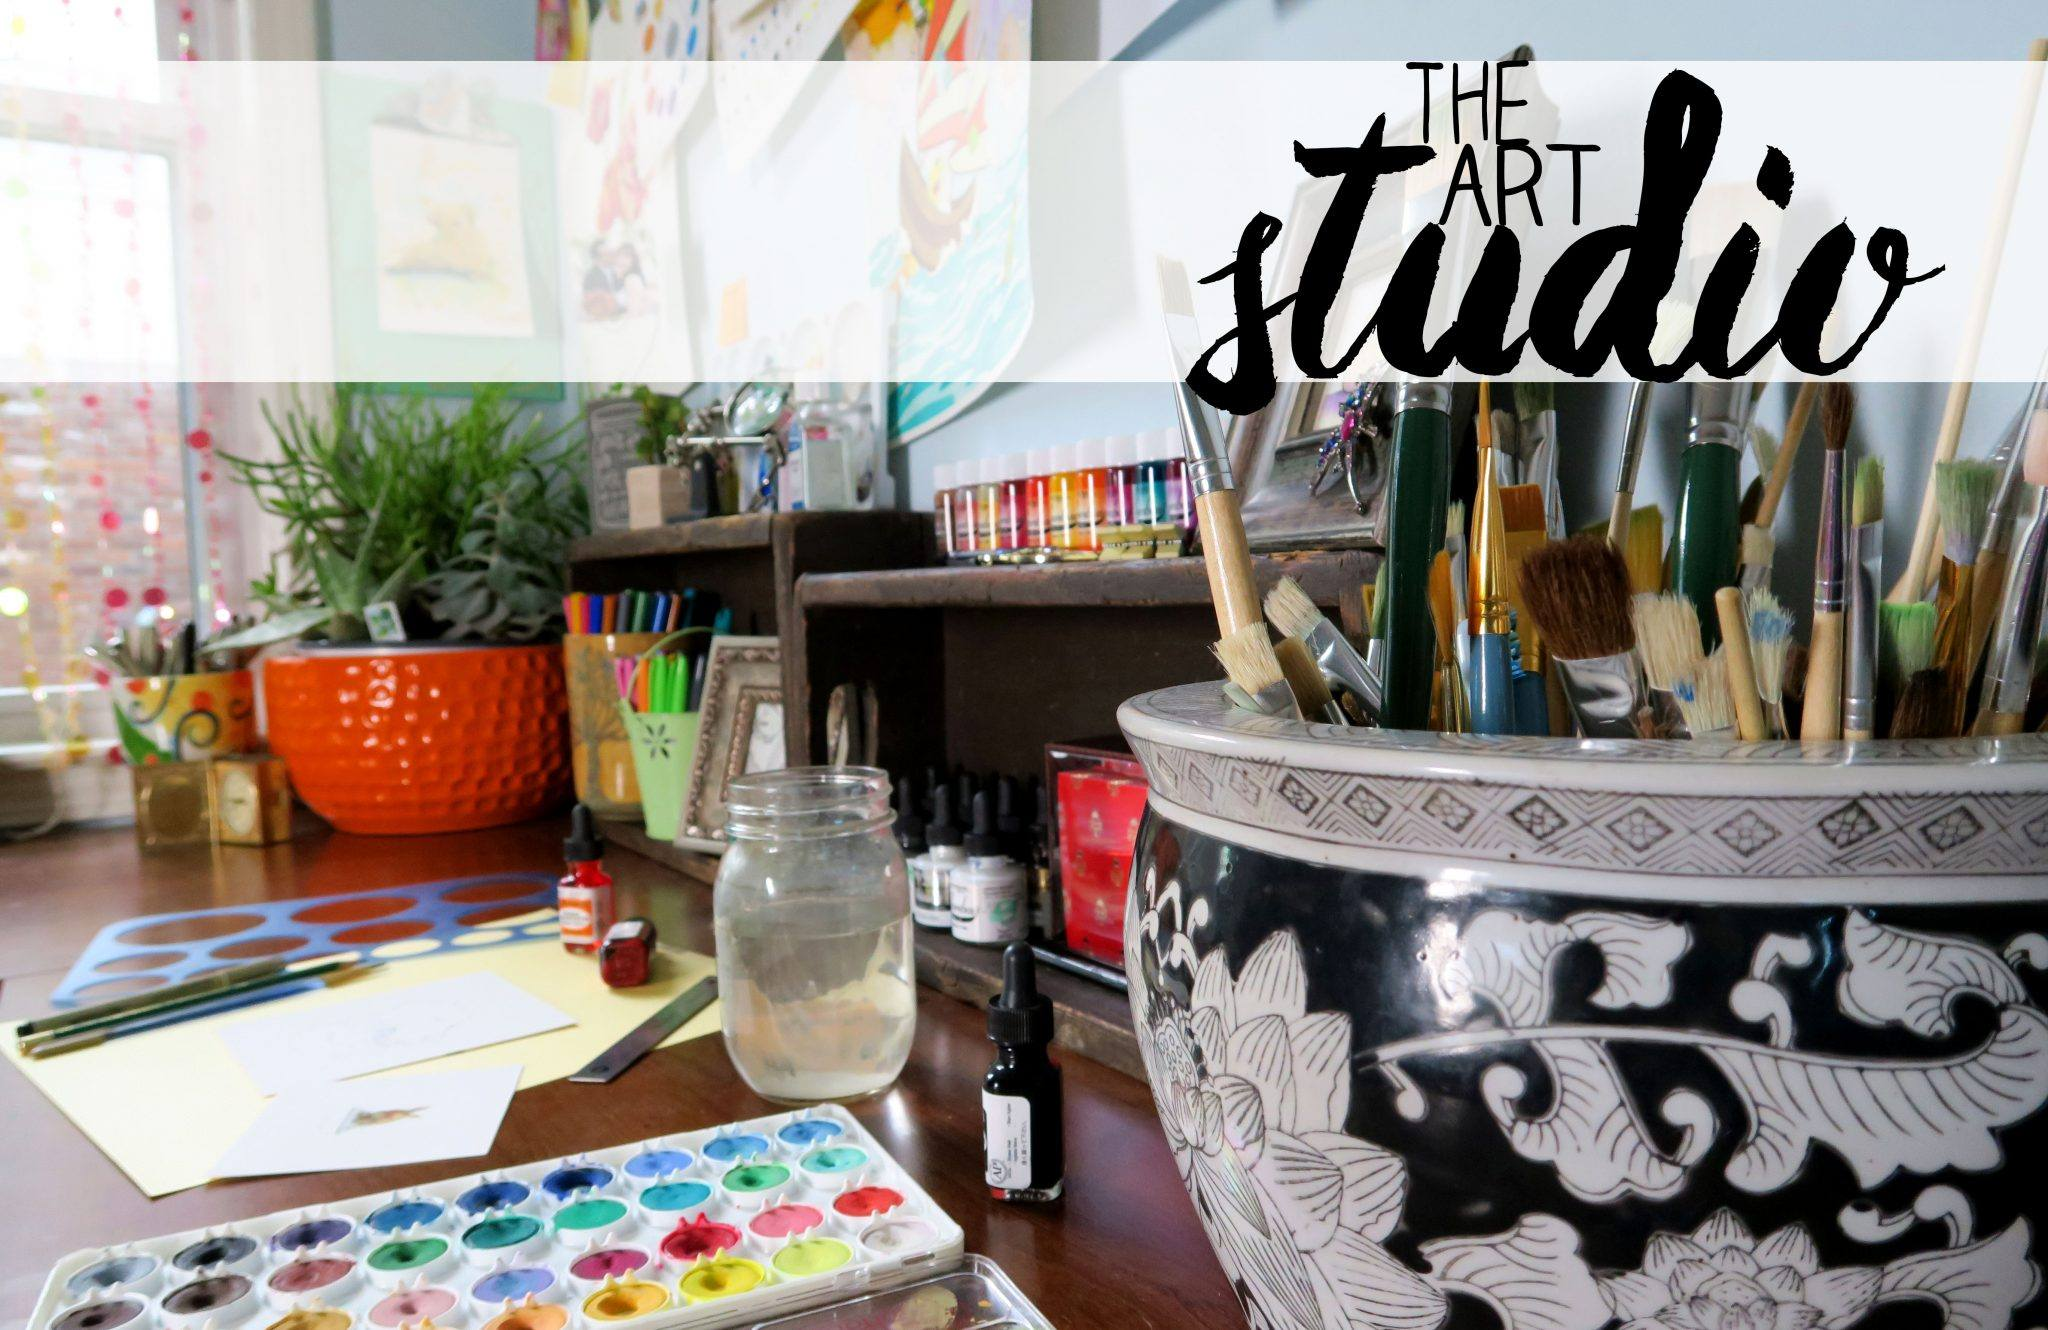 the-art-studio